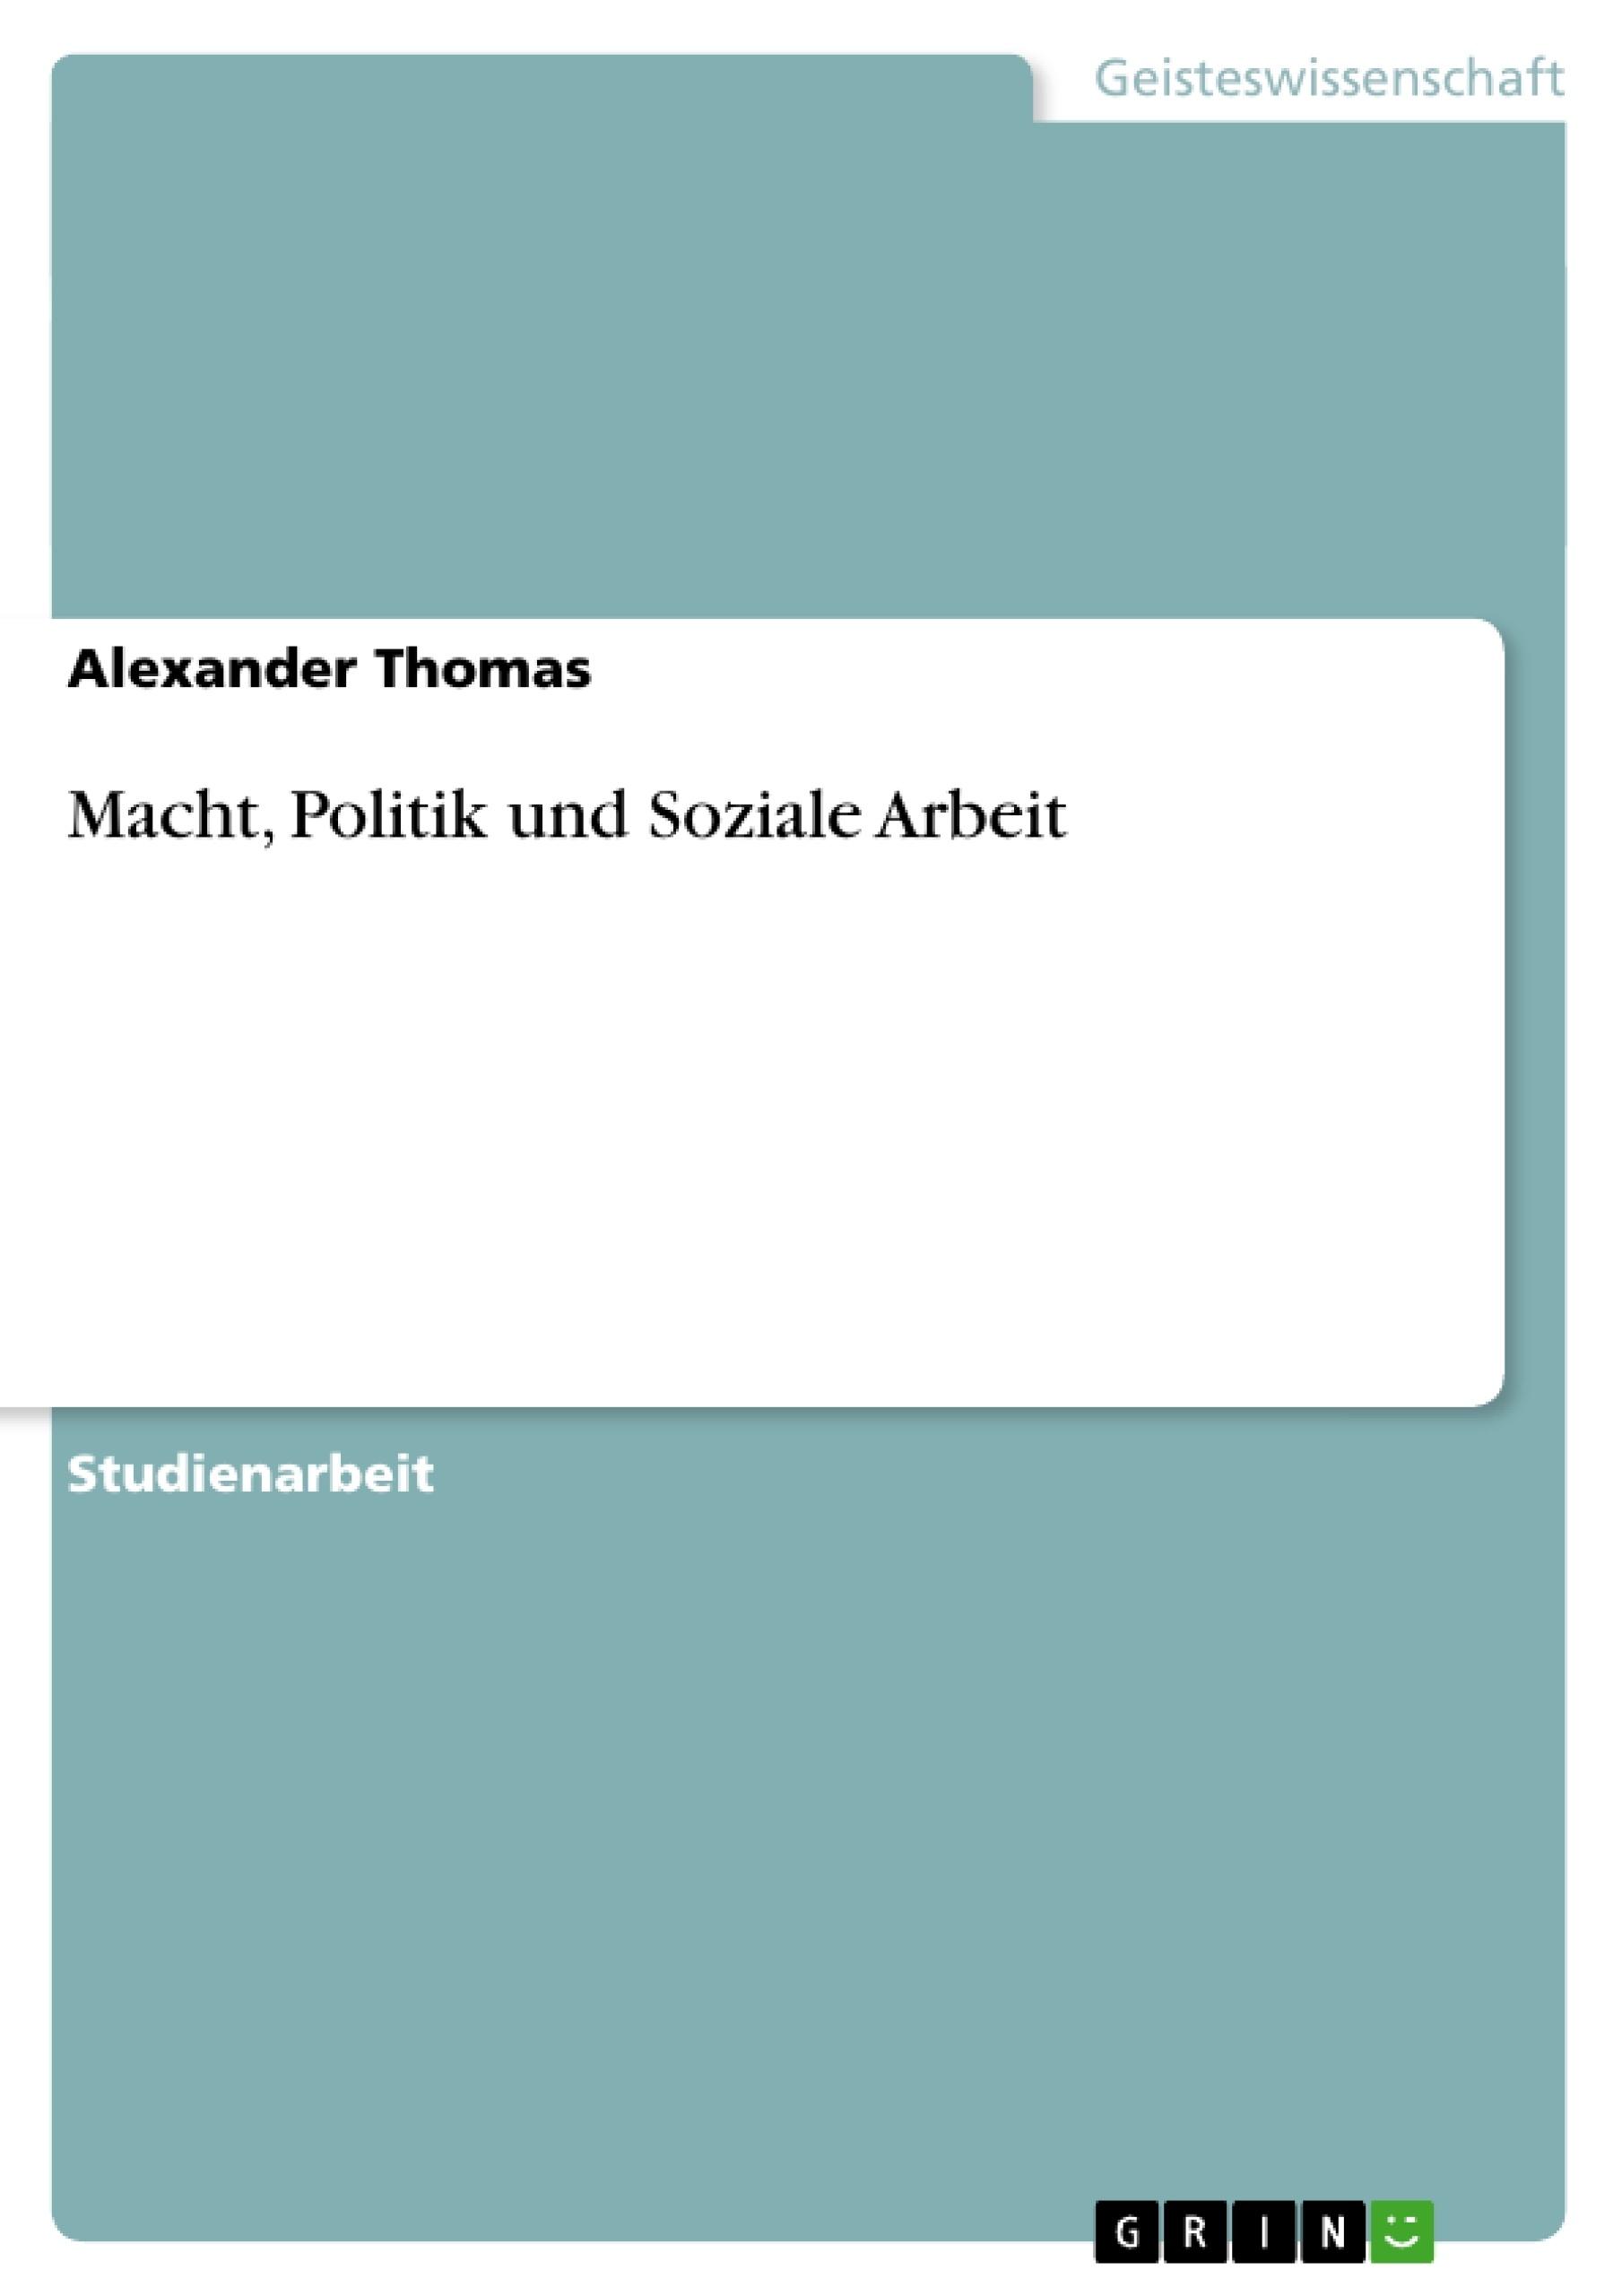 Titel: Macht, Politik und Soziale Arbeit